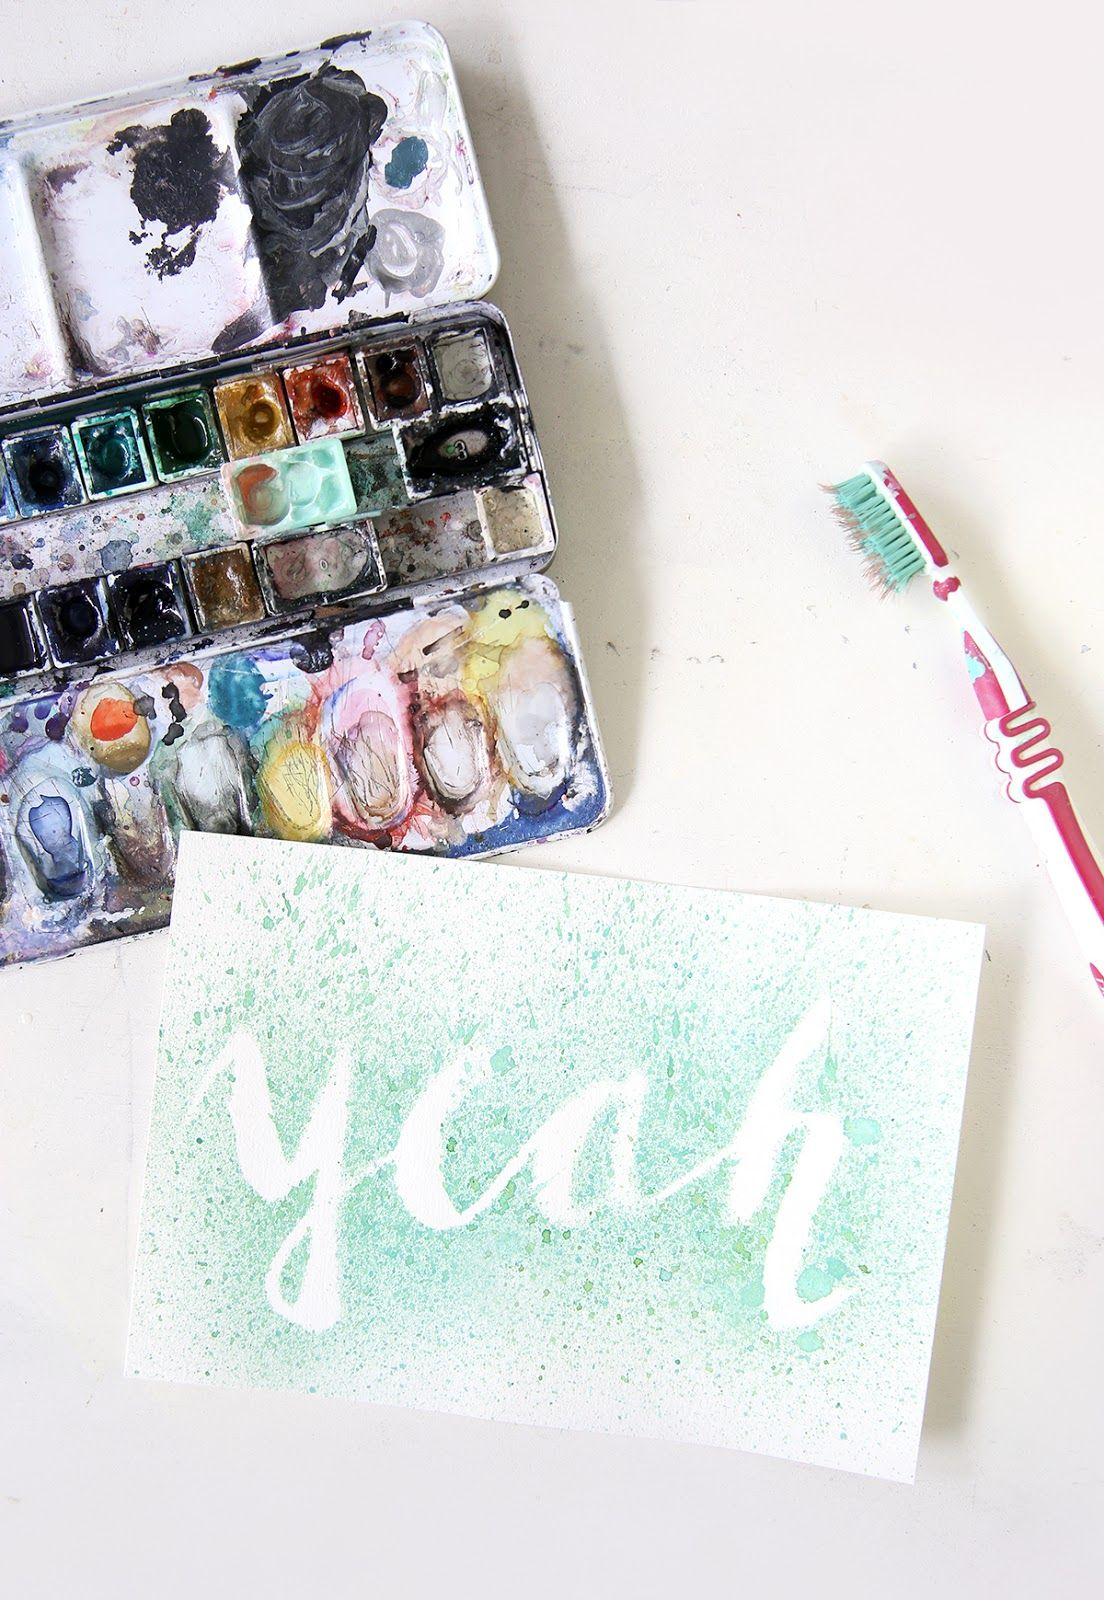 Diy Lettering Sprenkelbild Mit Wasserfarbe Mit Bildern